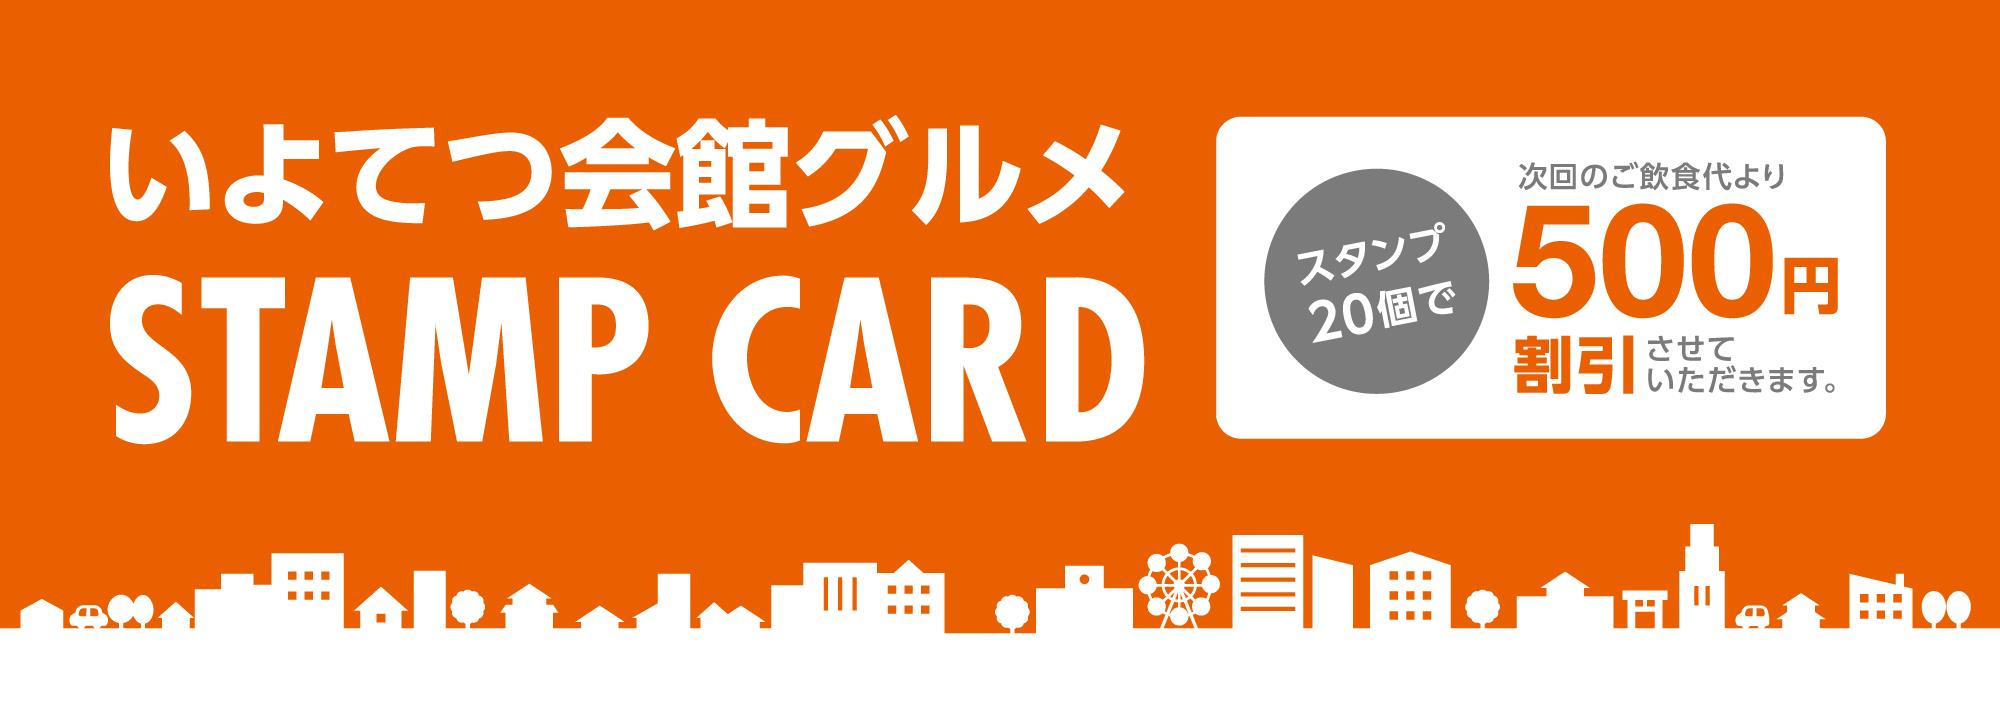 共通スタンプカード